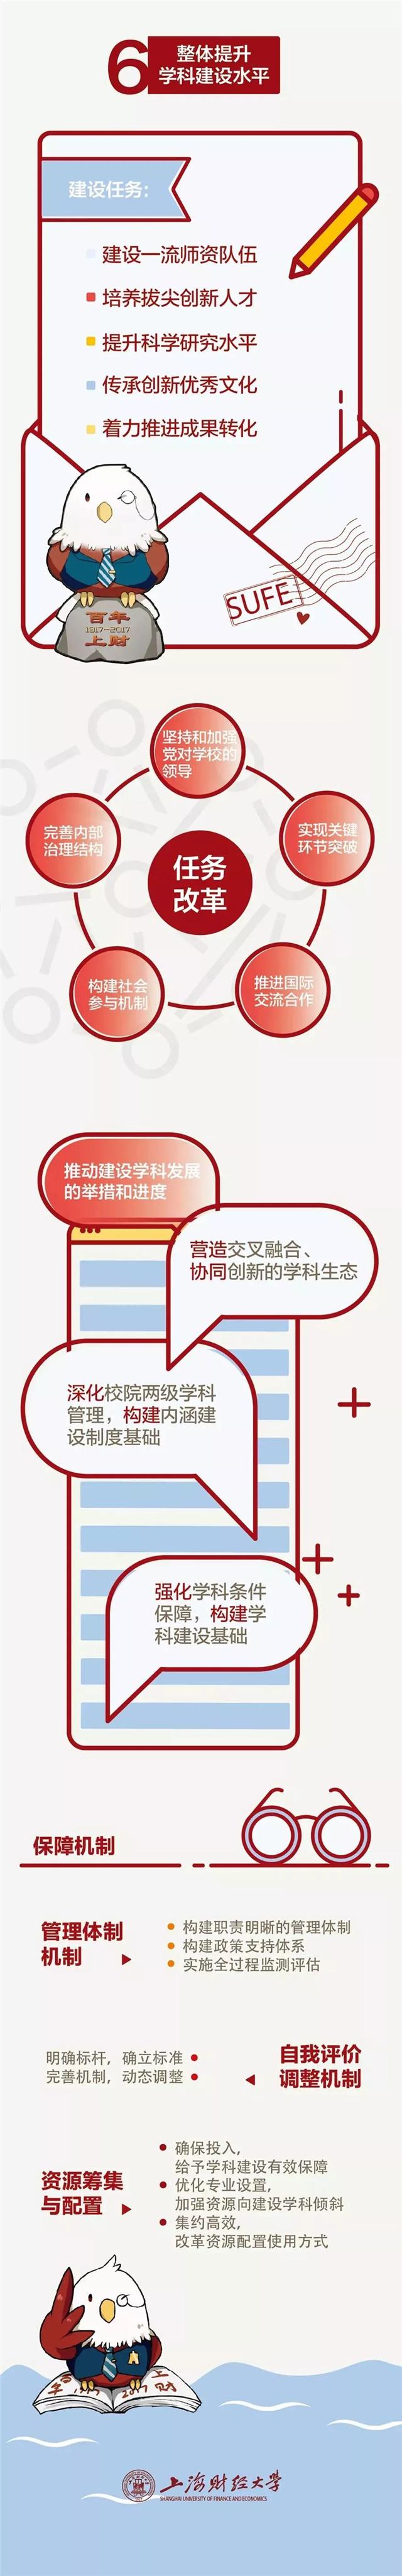 建设方案3_副本.jpg